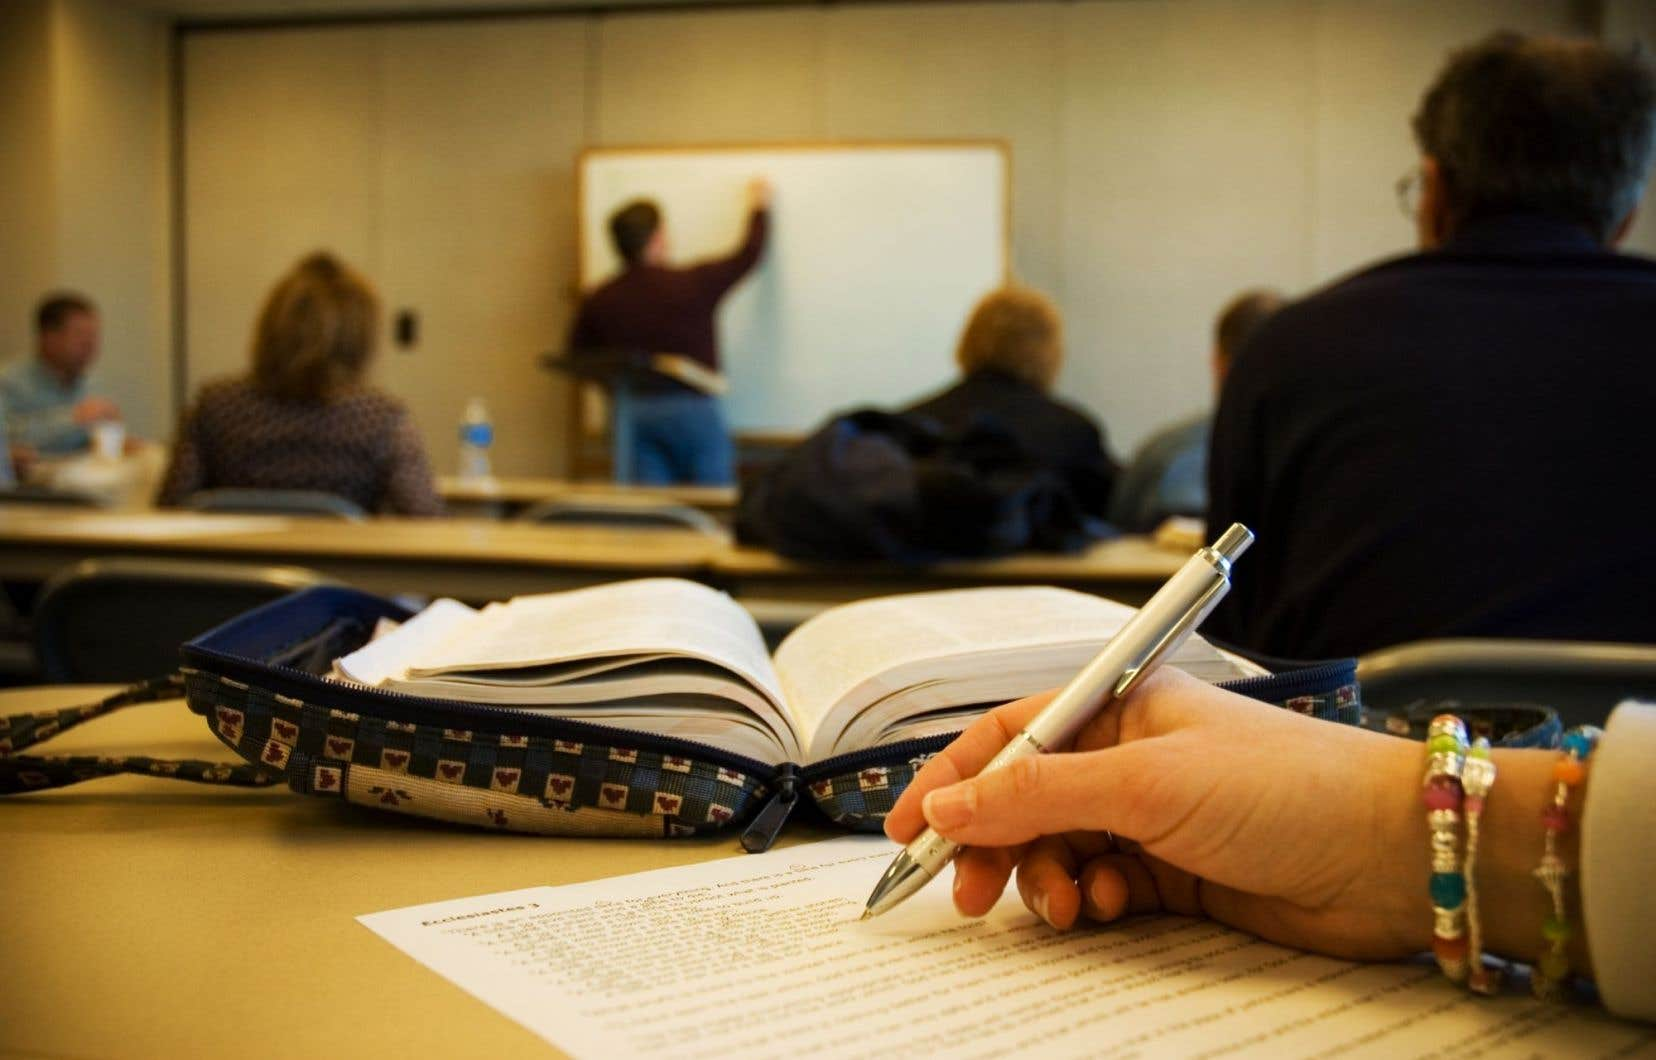 Les droits acquittés par les étudiants varient énormément d'une province à l'autre et selon le programme d'étude, révèlent les données de Statistique Canada.